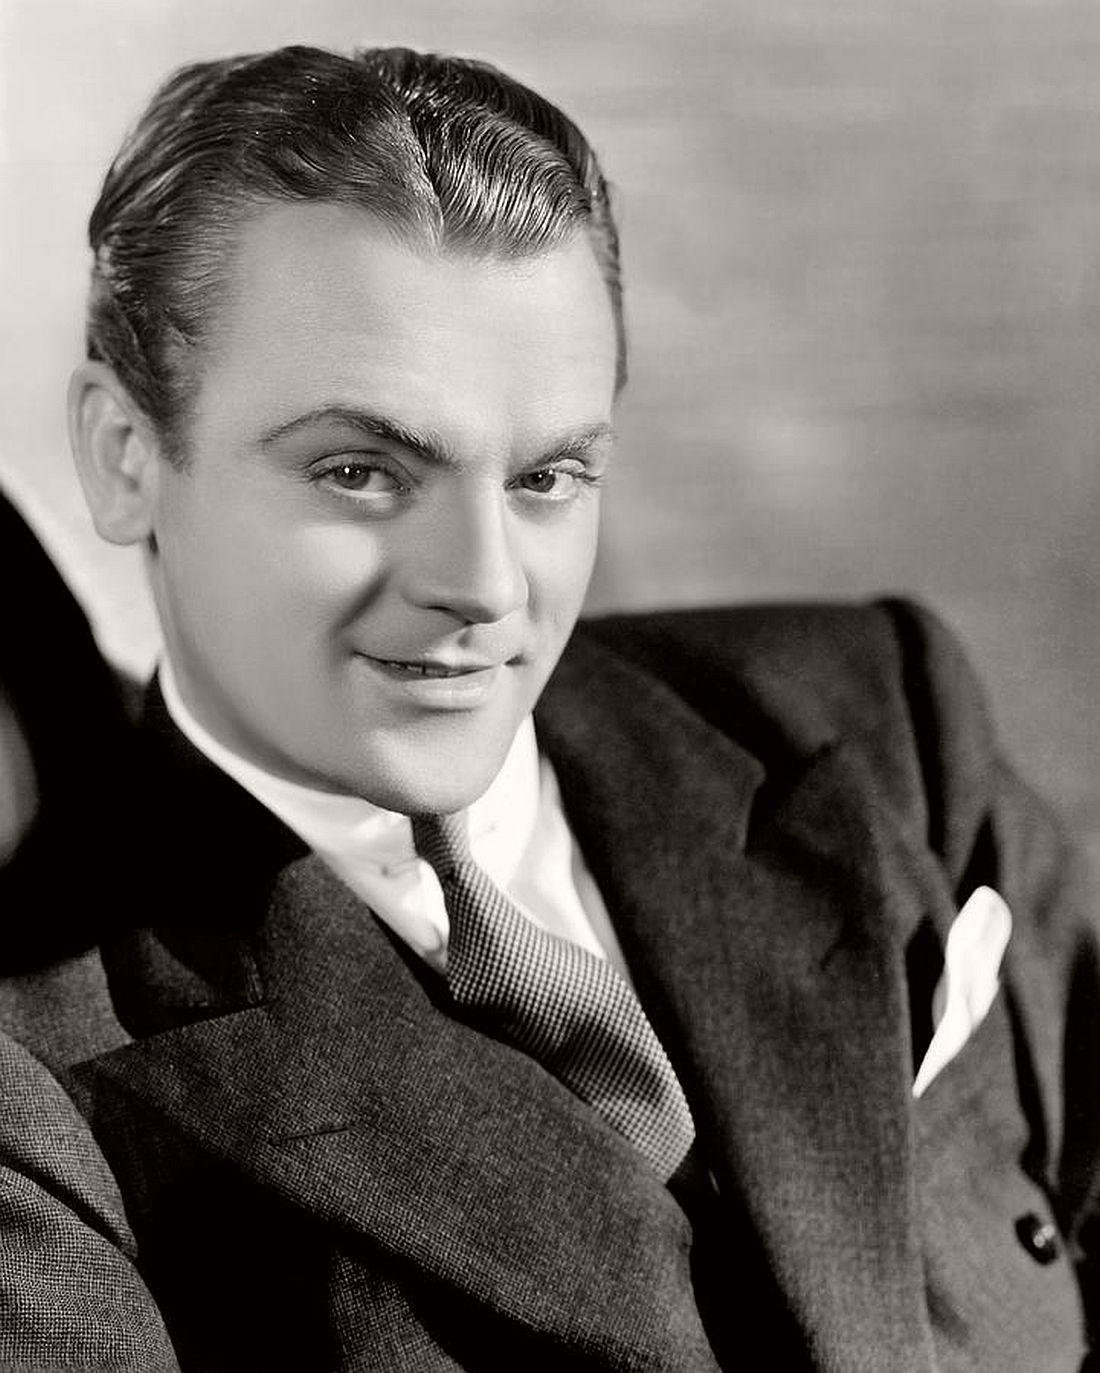 g-men-1935-behind-the-scenes-making-film-09